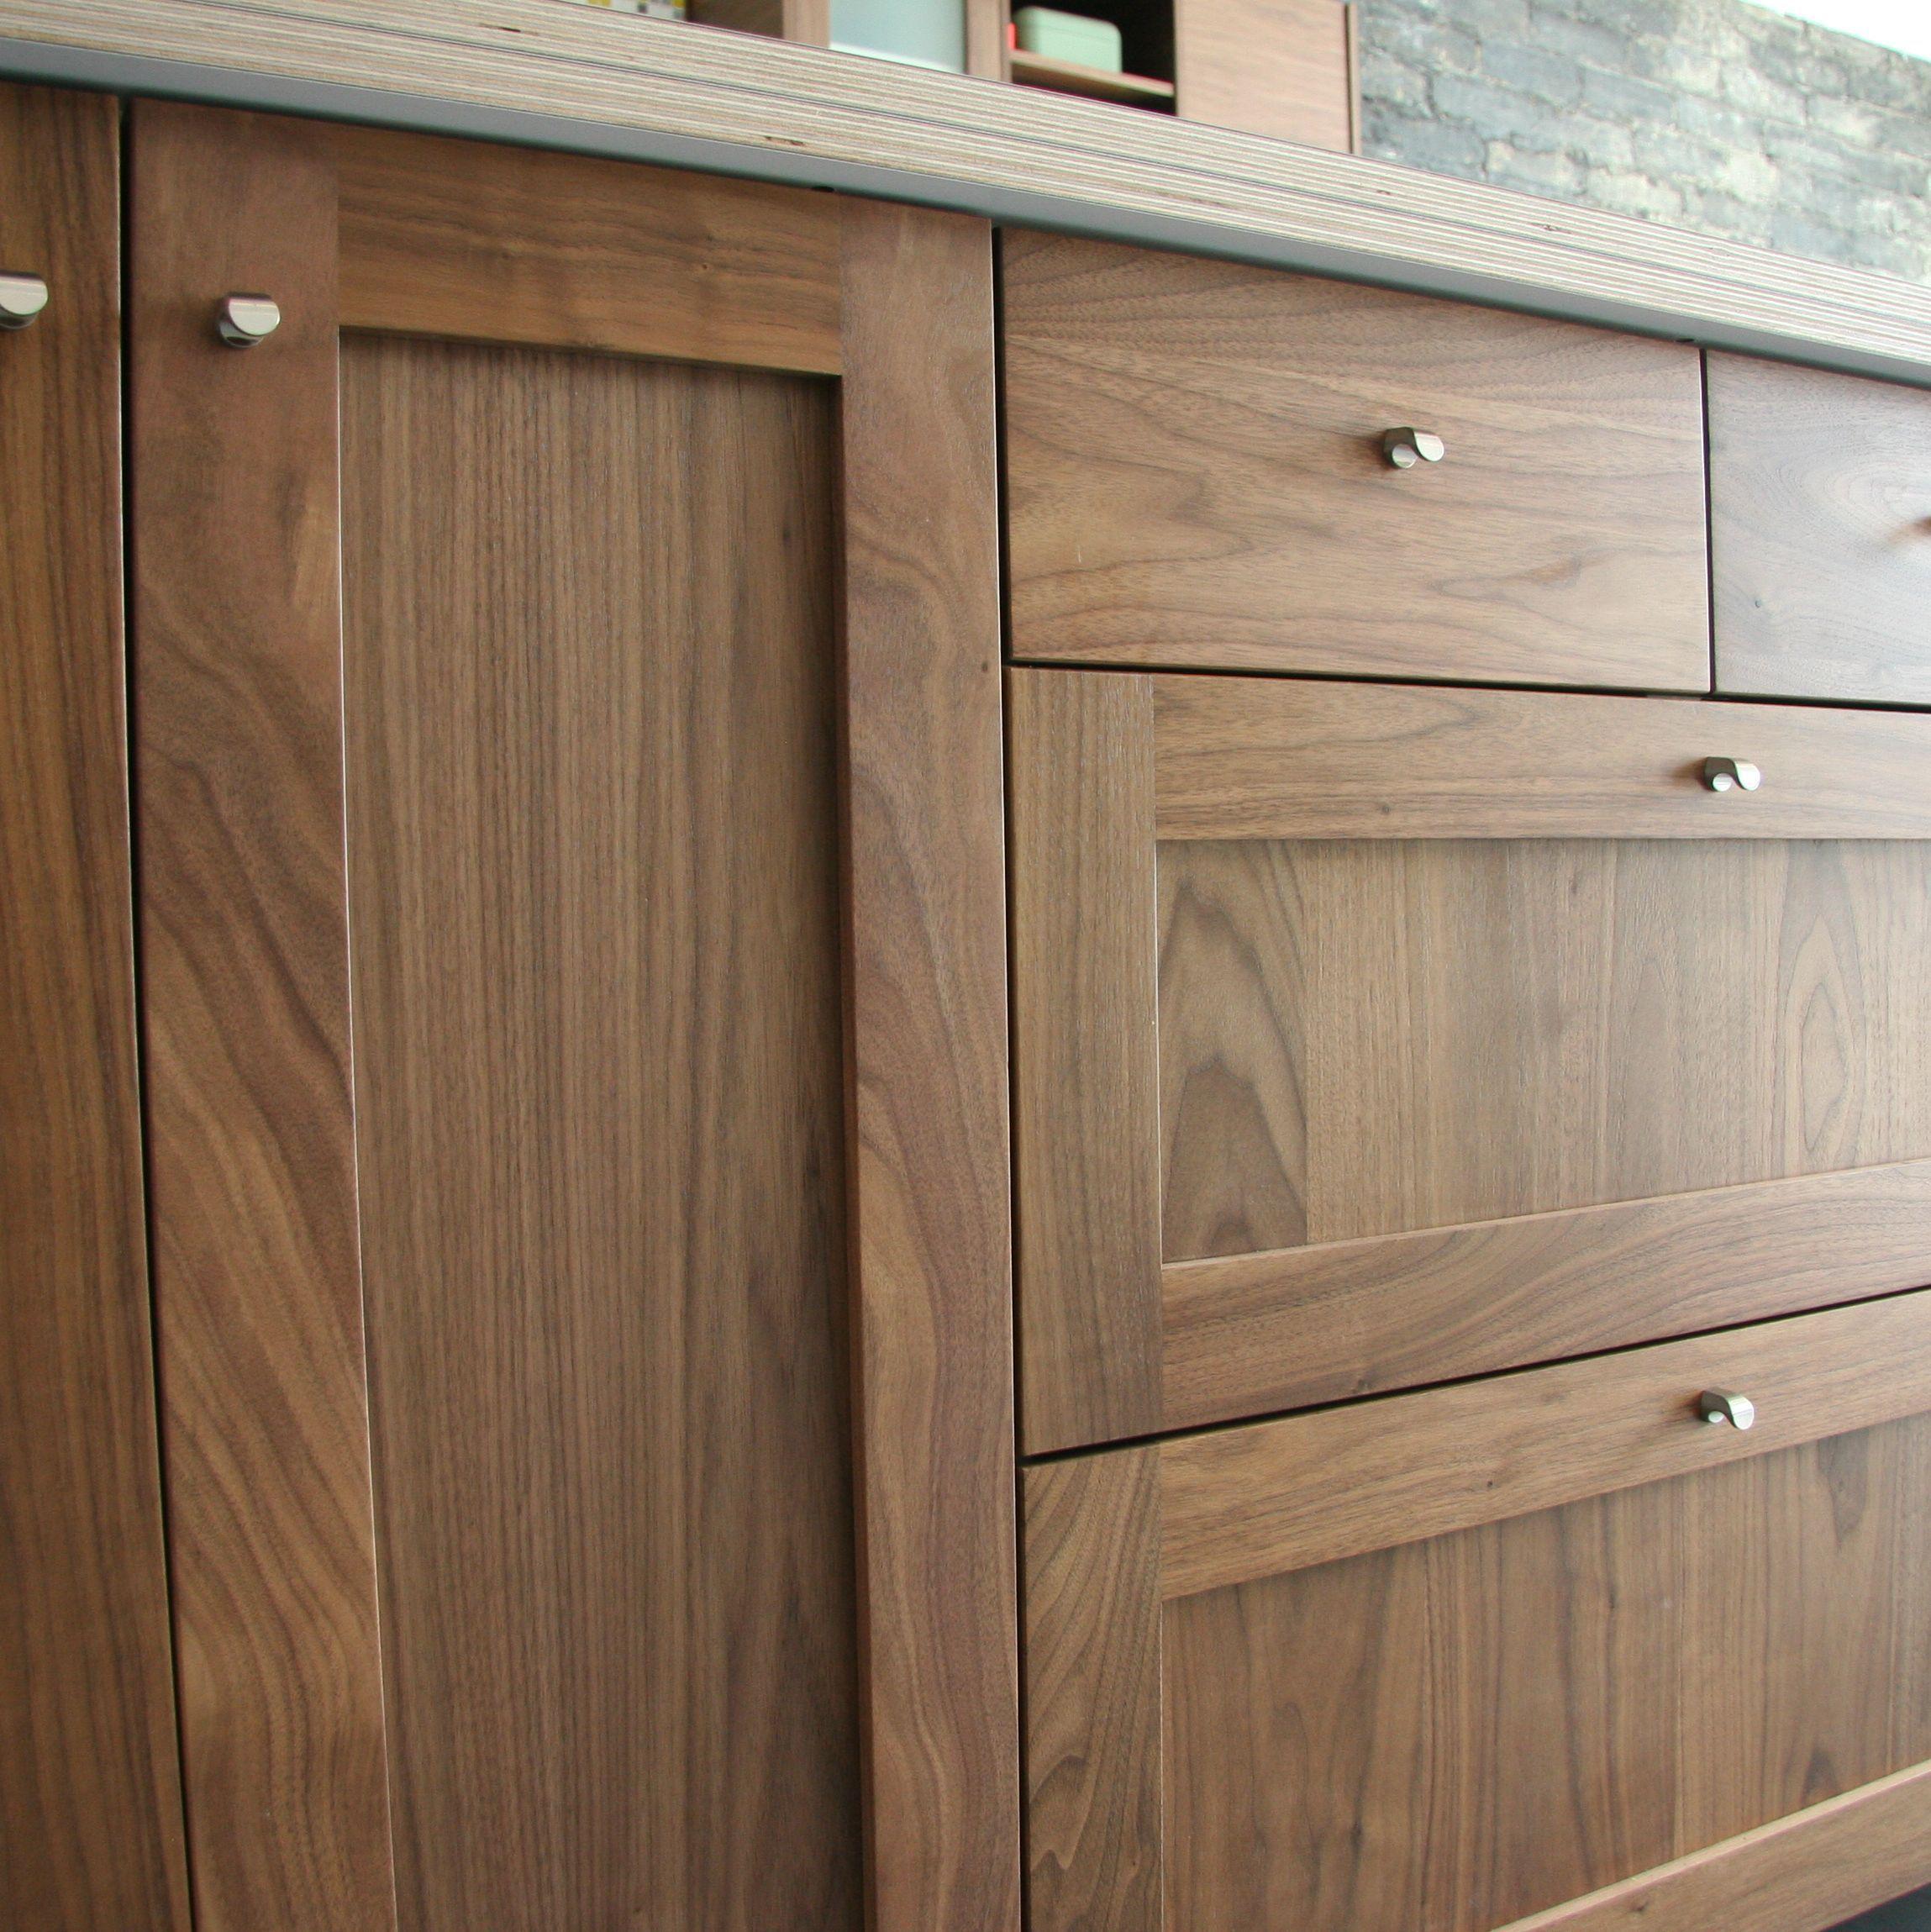 Modern Walnut Kitchen Cabinets: Modern Walnut Kitchen Cabinets Design Ideas 7 In 2019